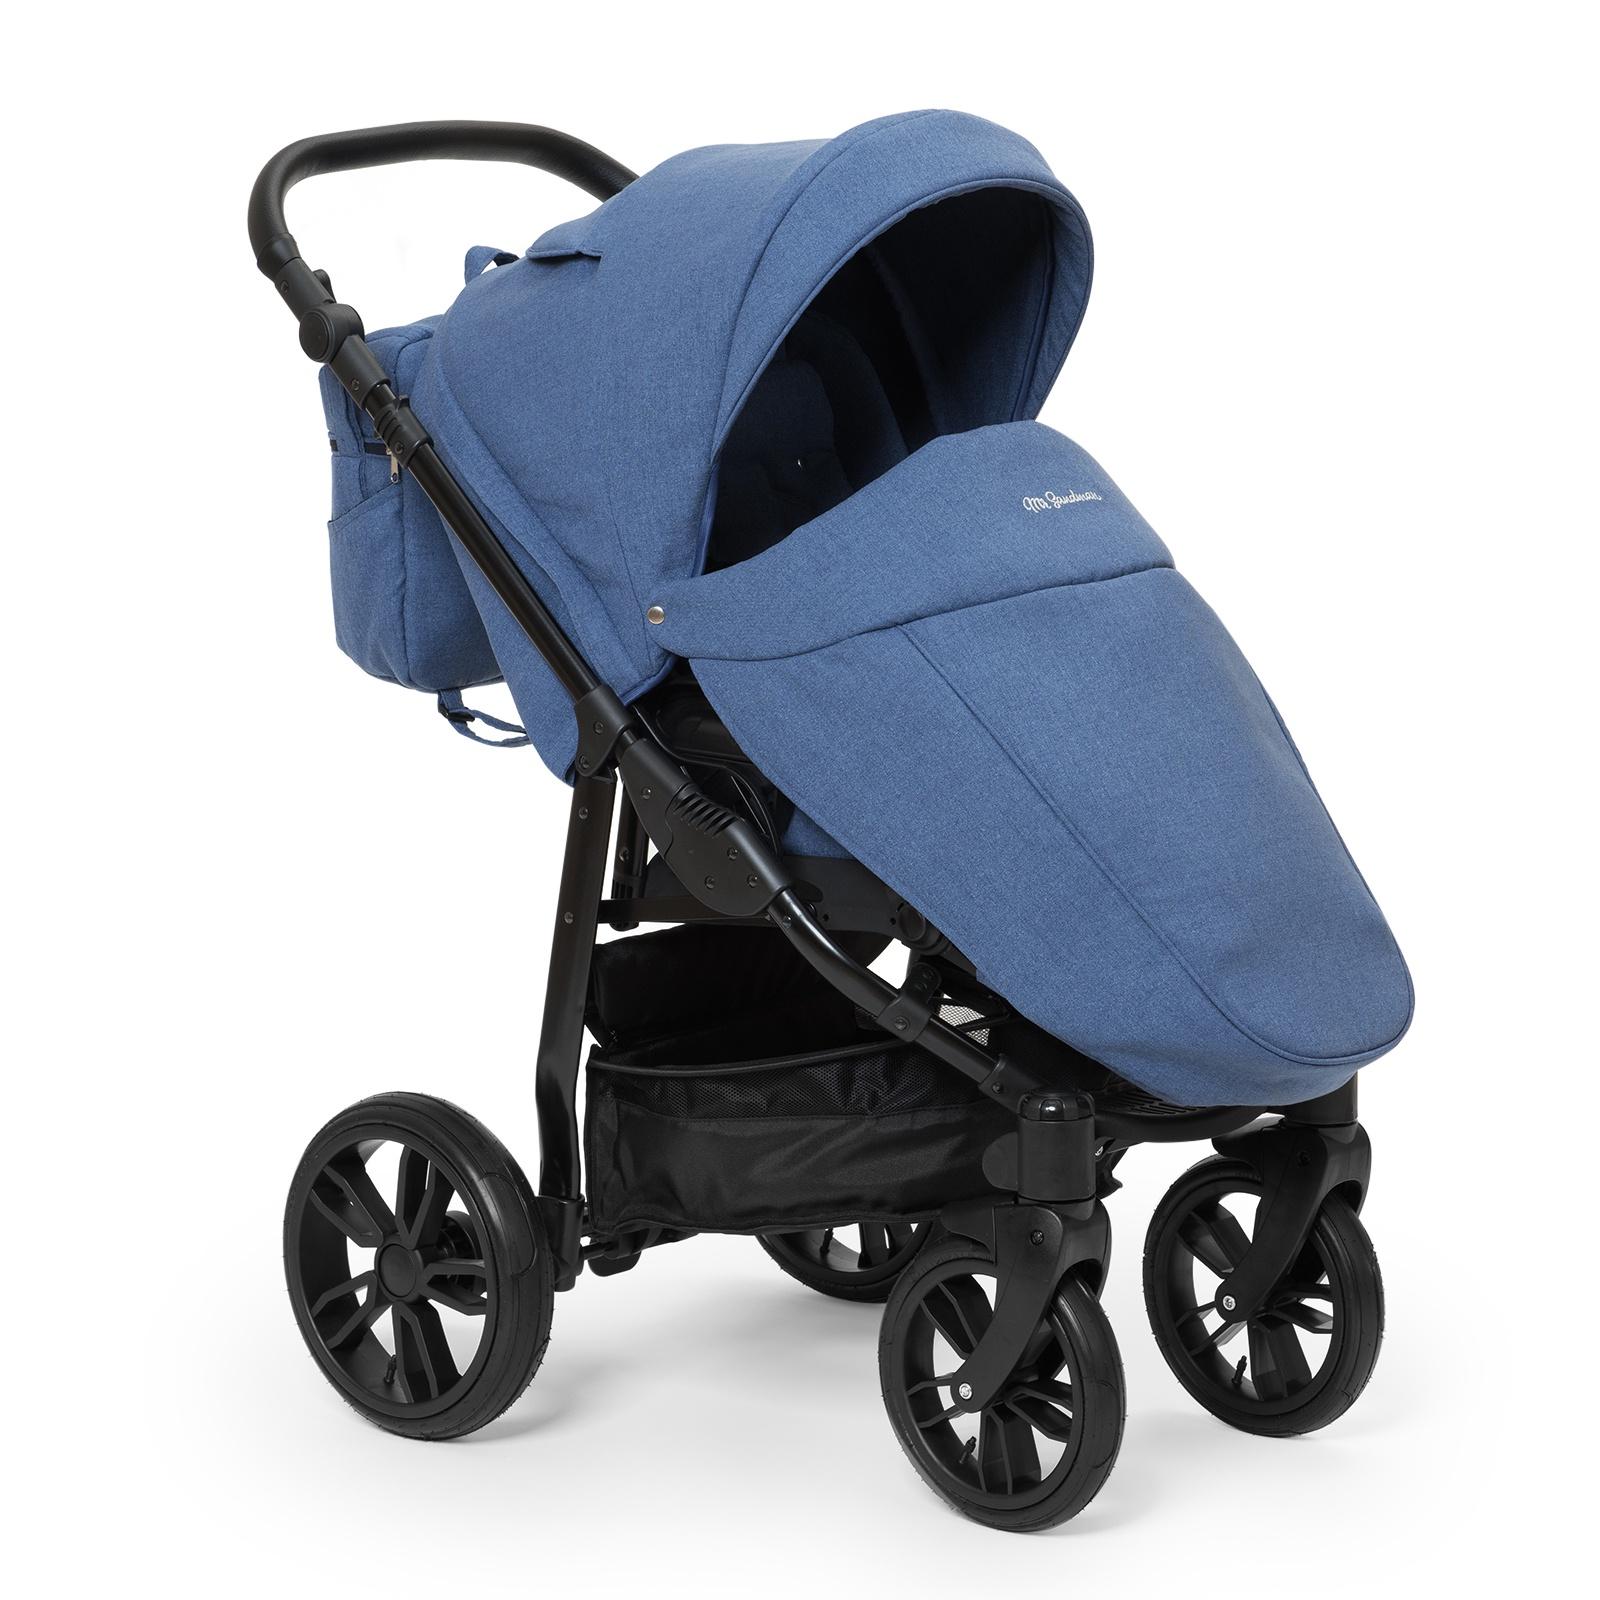 Коляска прогулочная Mr Sandman Vortex, цвет: синий коляска mr sandman vortex прогулочная фиолетовый